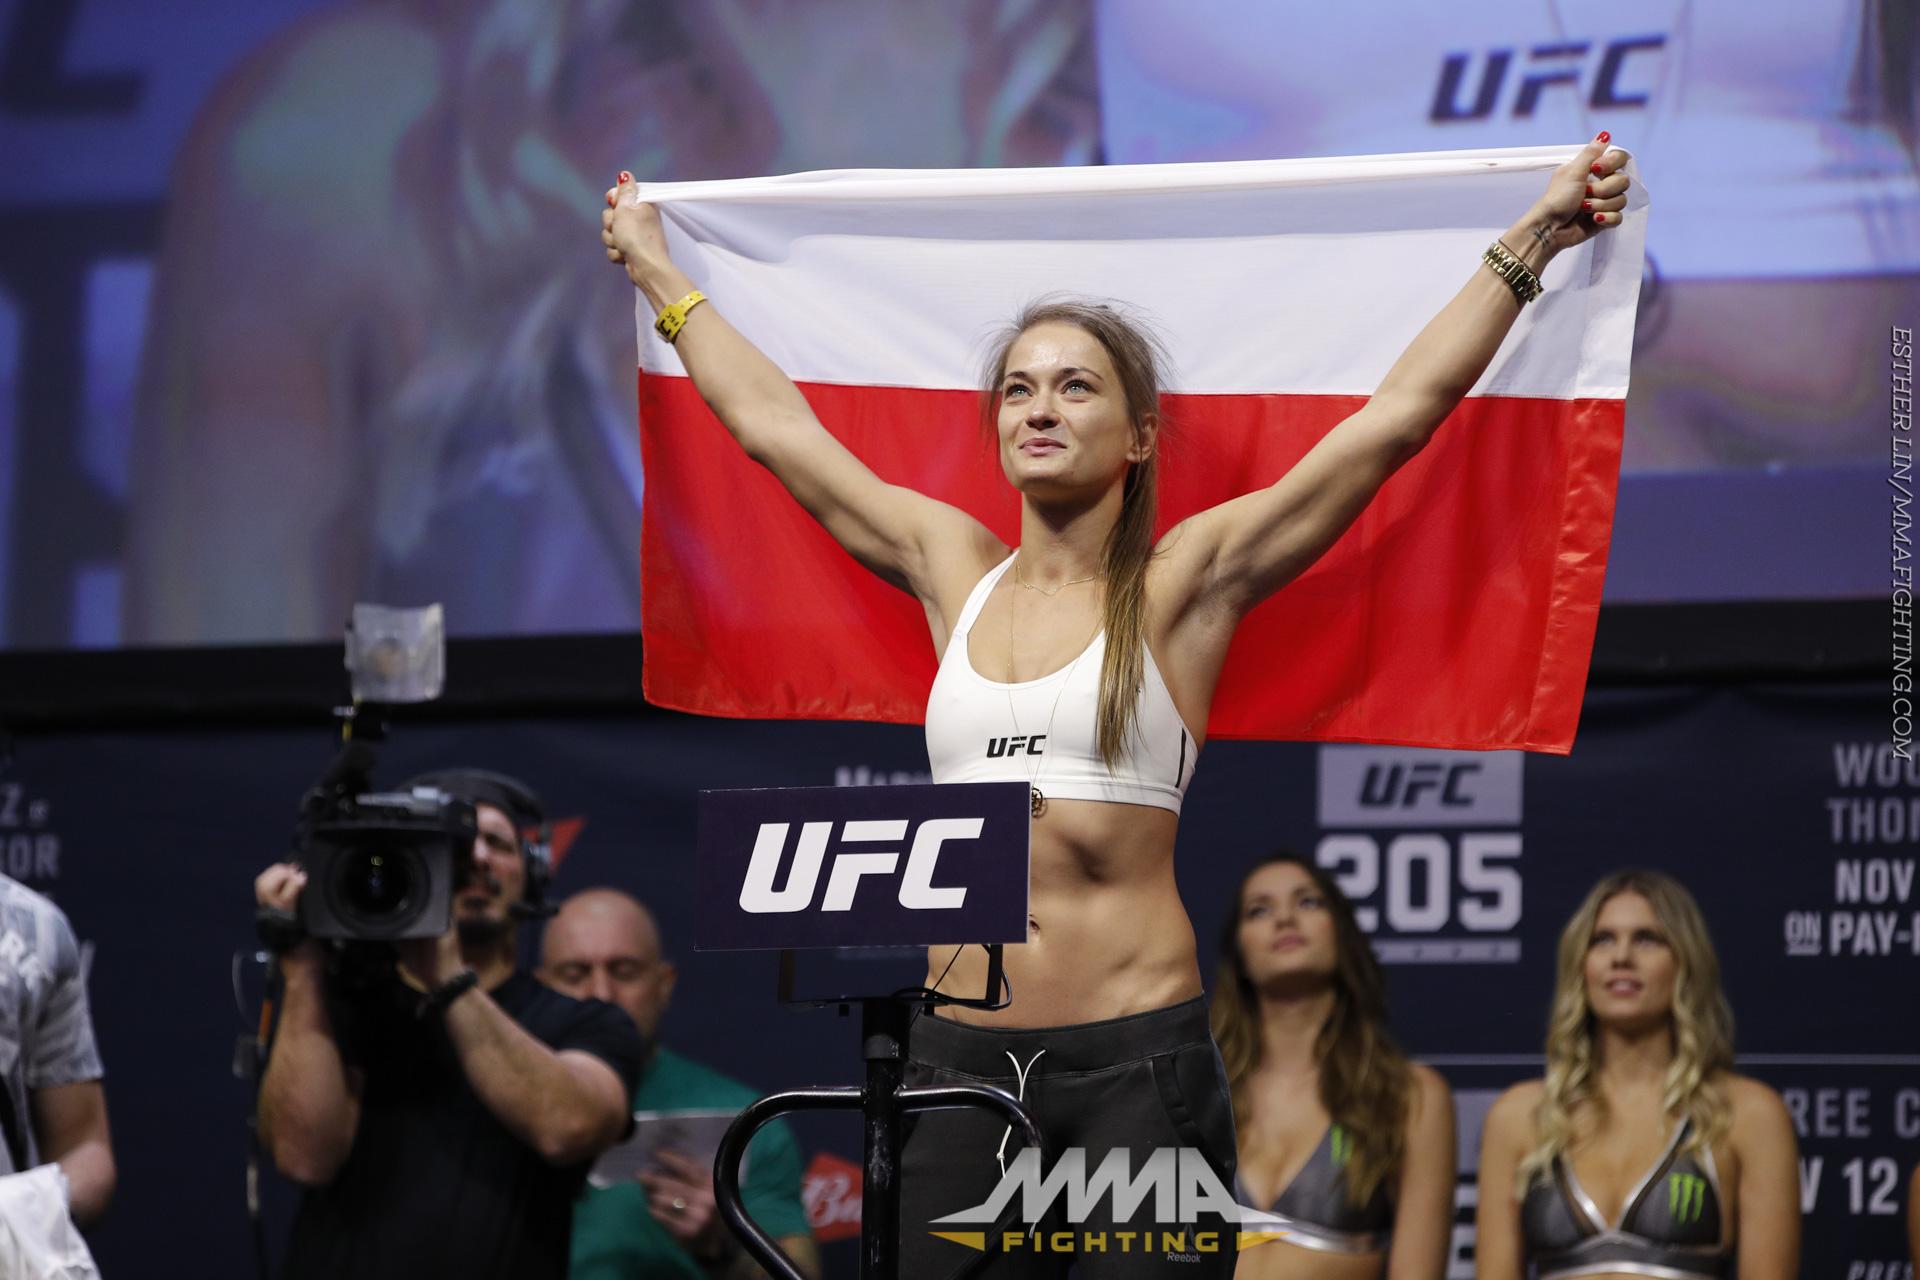 UFC 205 weigh-in photos